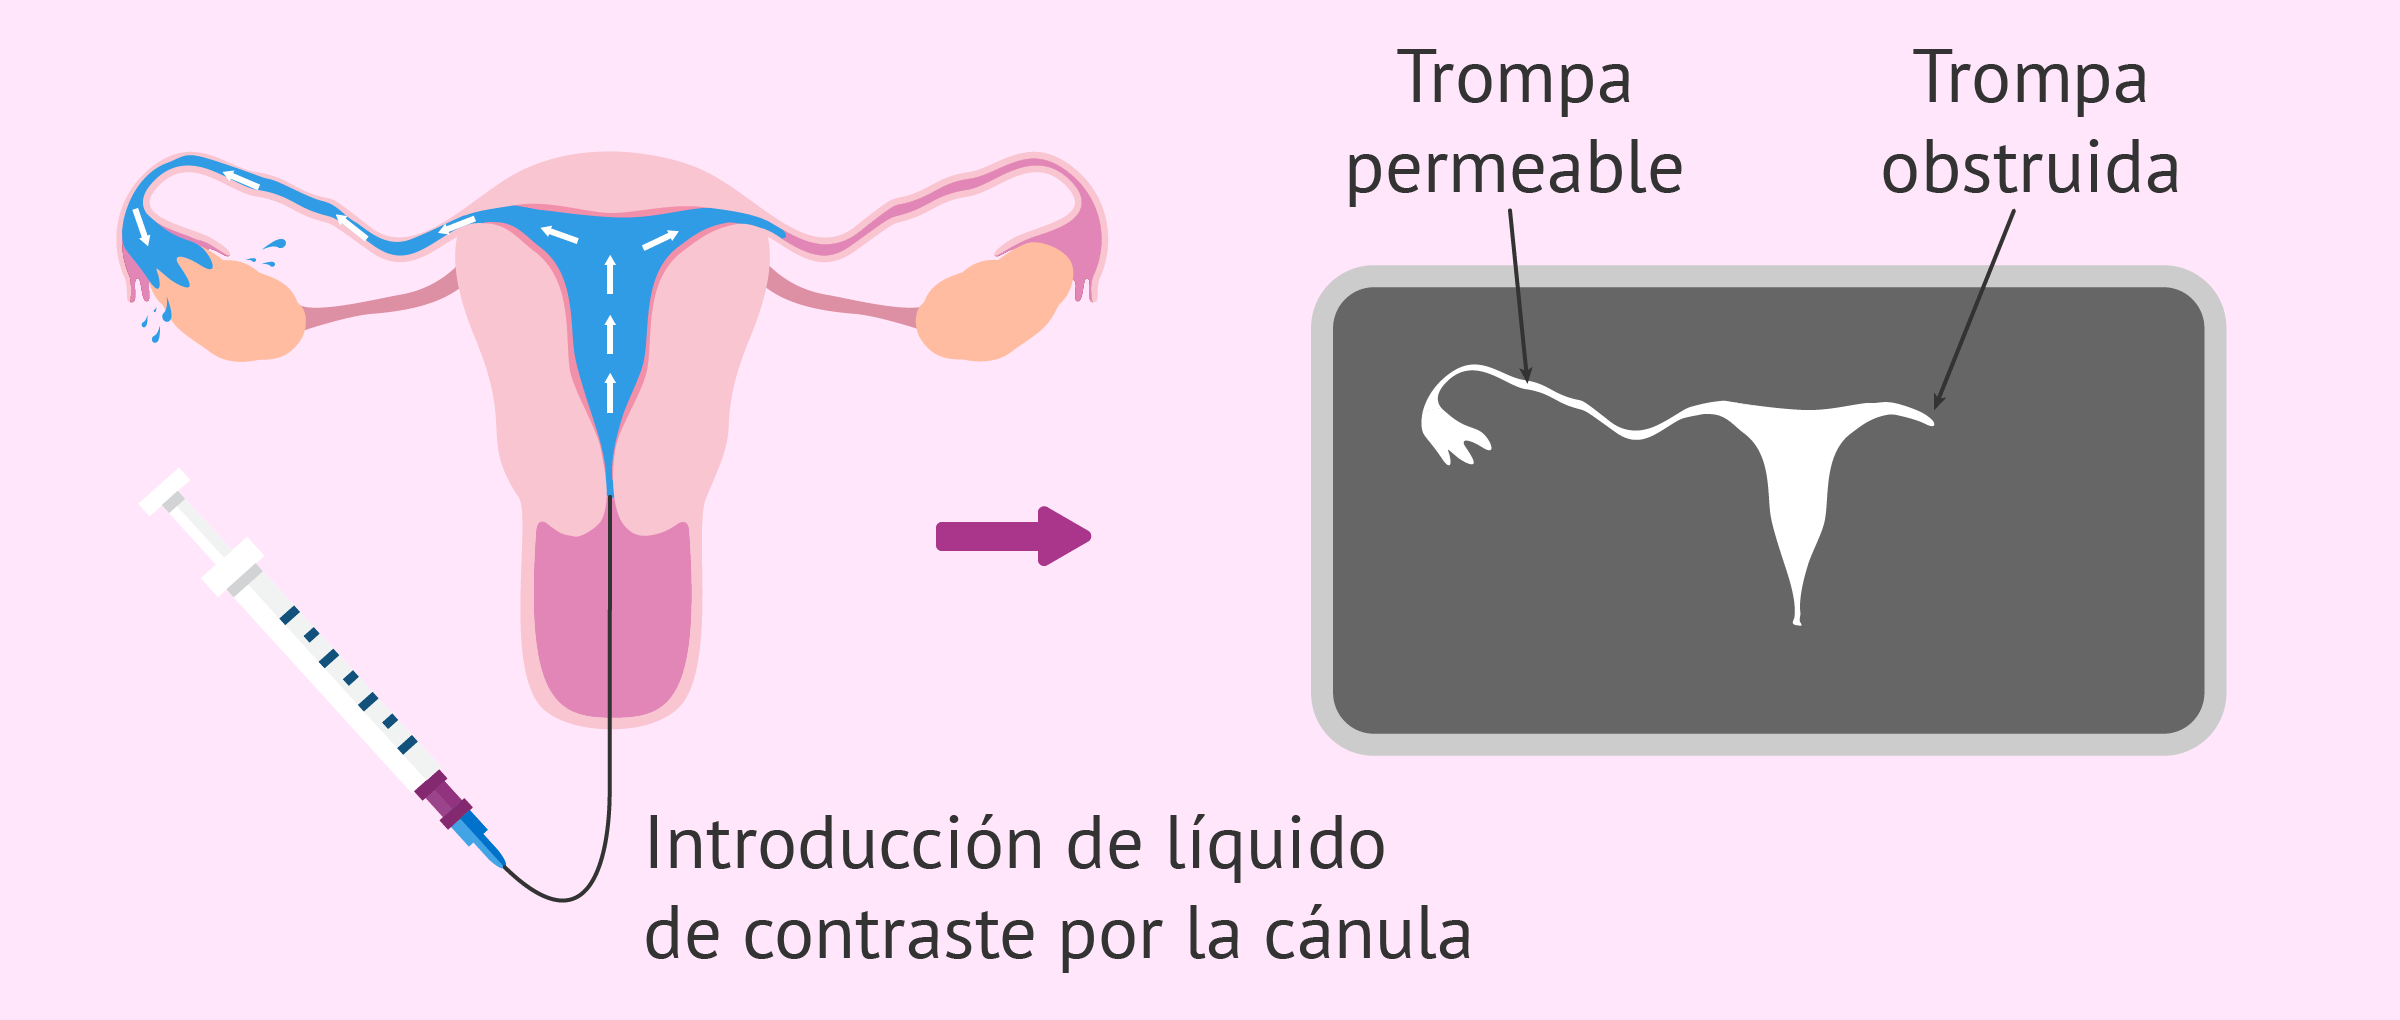 Resultado de la histerosalpingografía y obstrucción tubárica